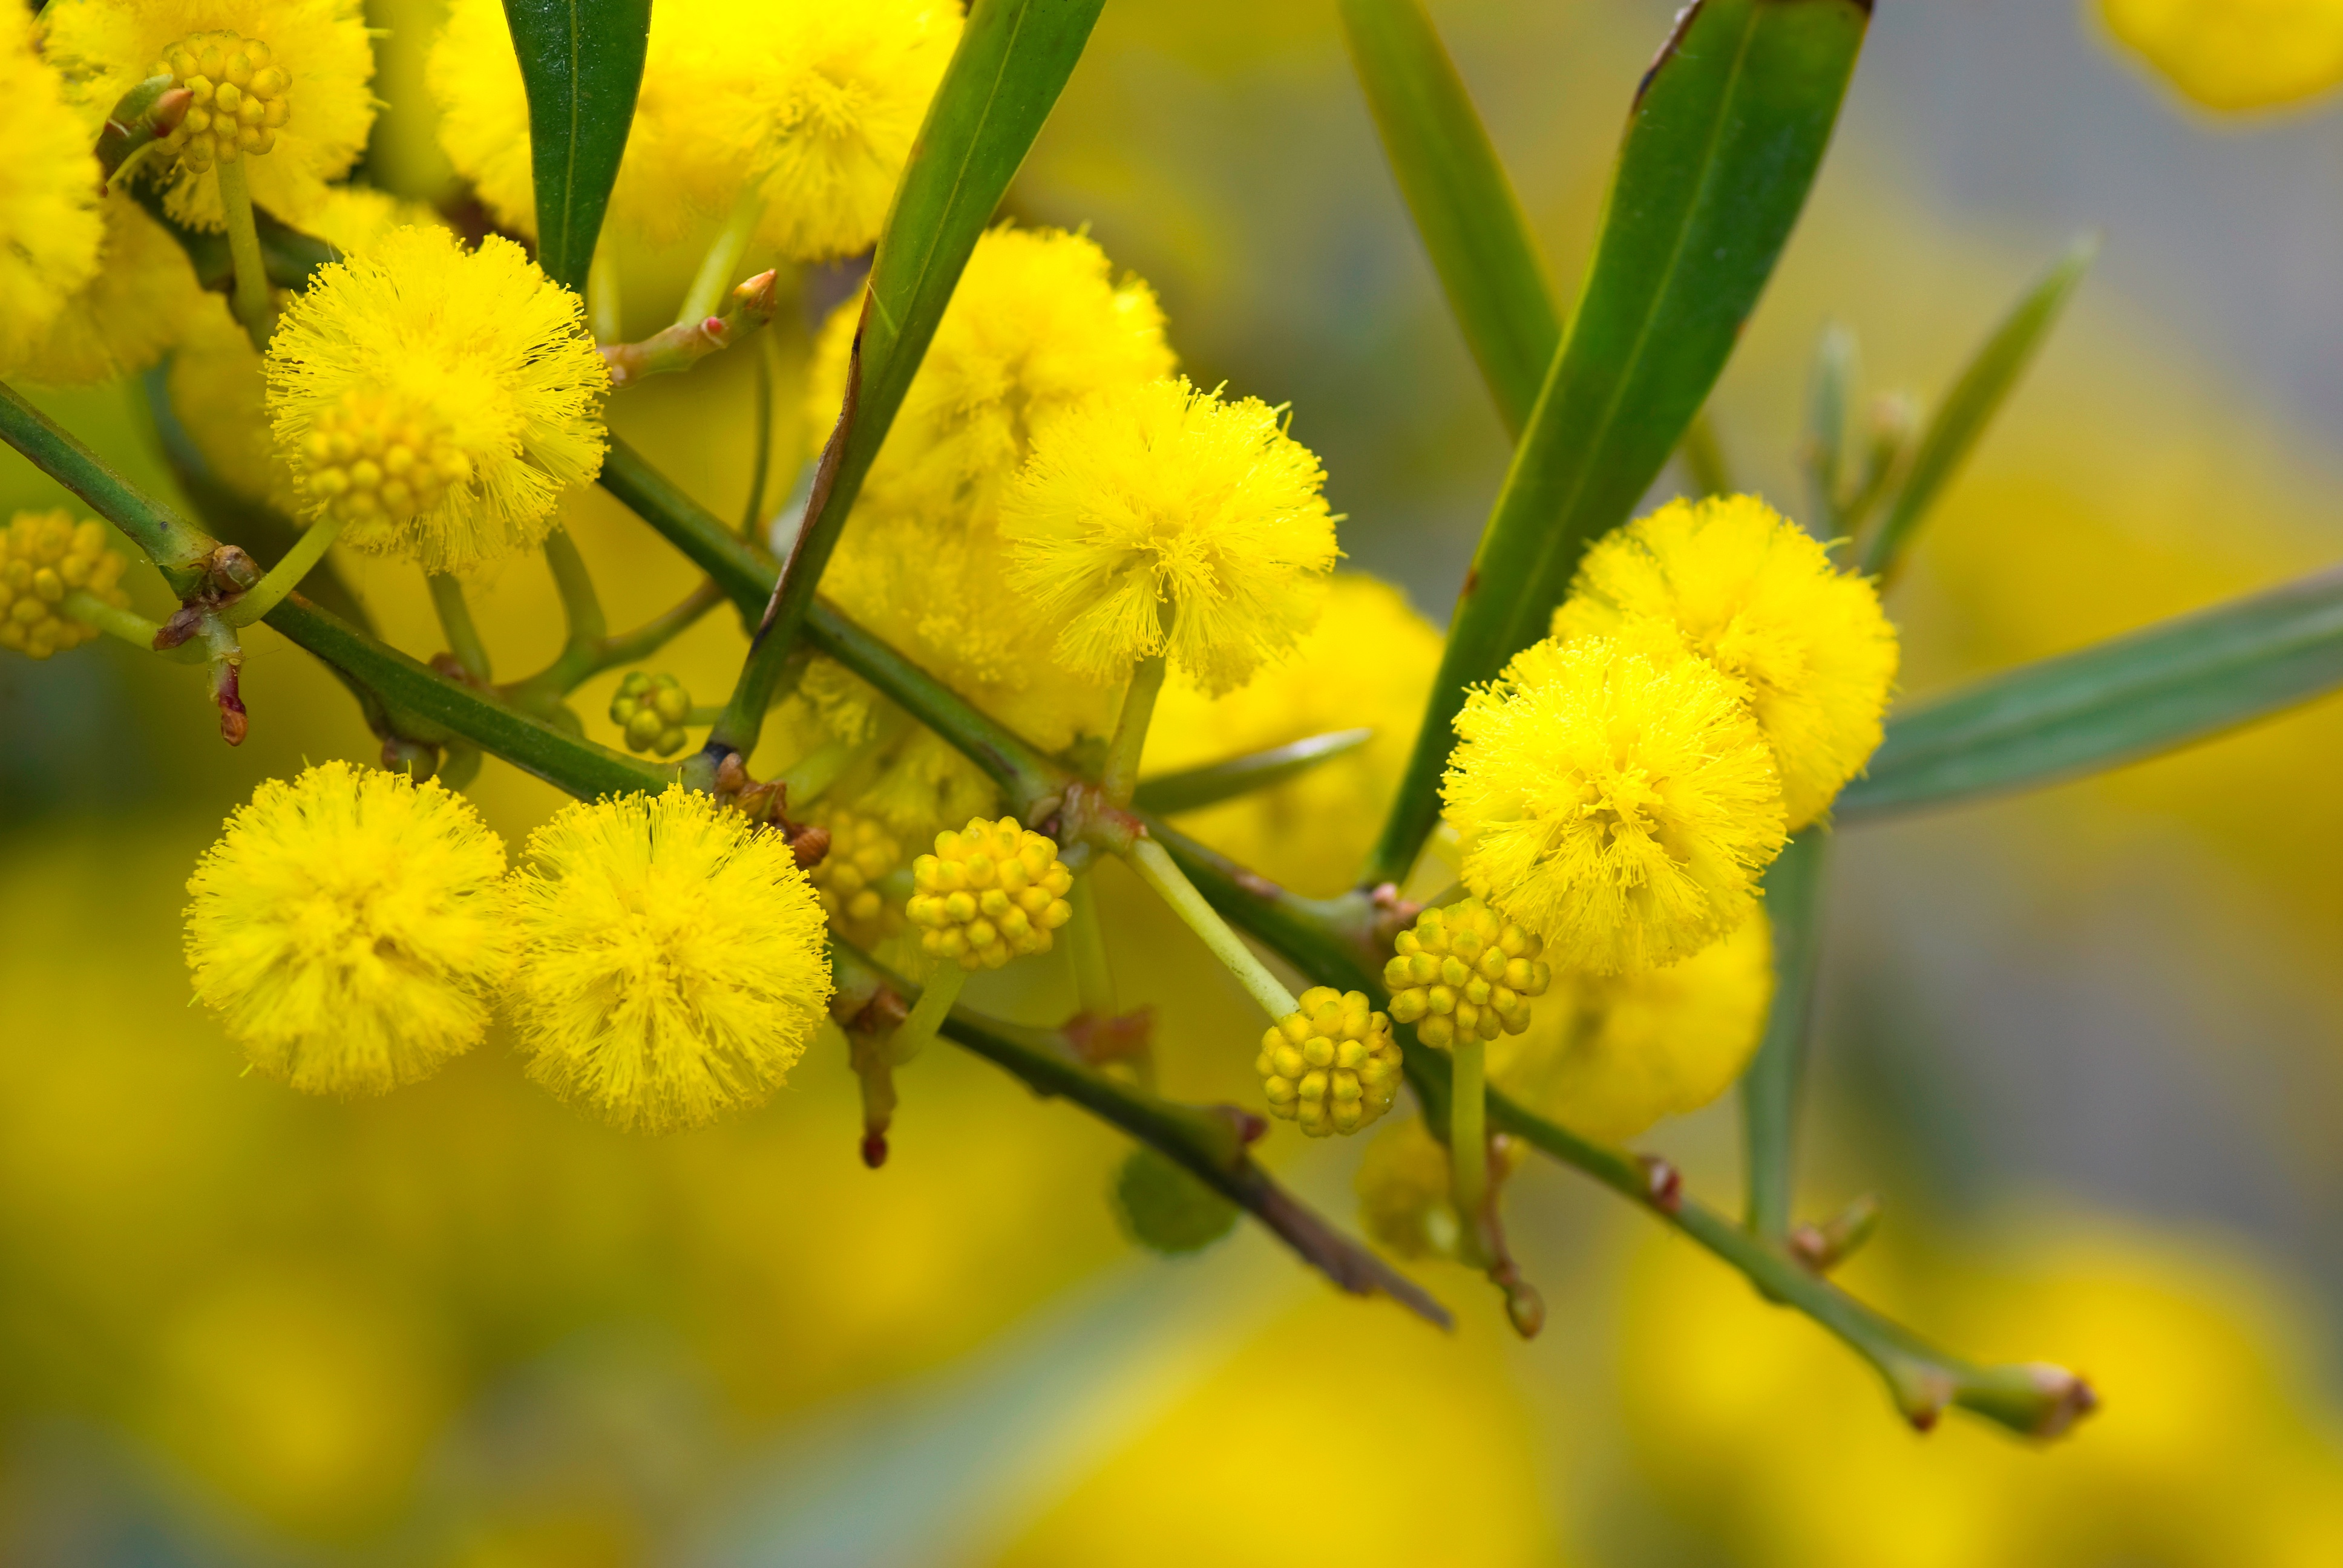 Le mimosa, un rayon de soleil et de douceur